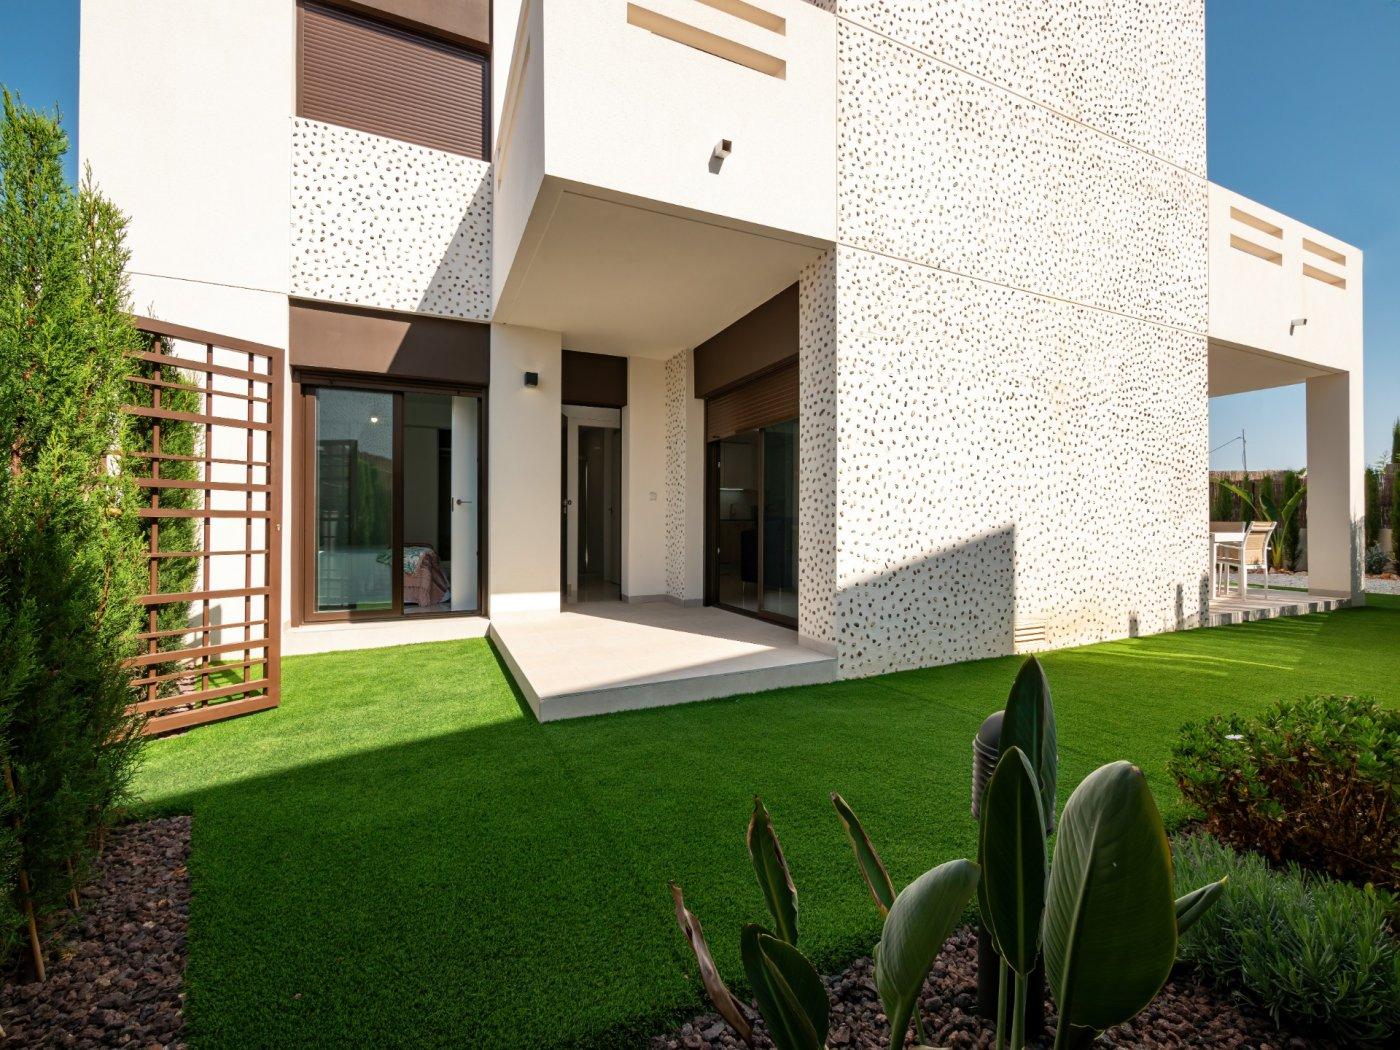 Ultimos pisos en venta en campo de golf - algorfa - imagenInmueble0